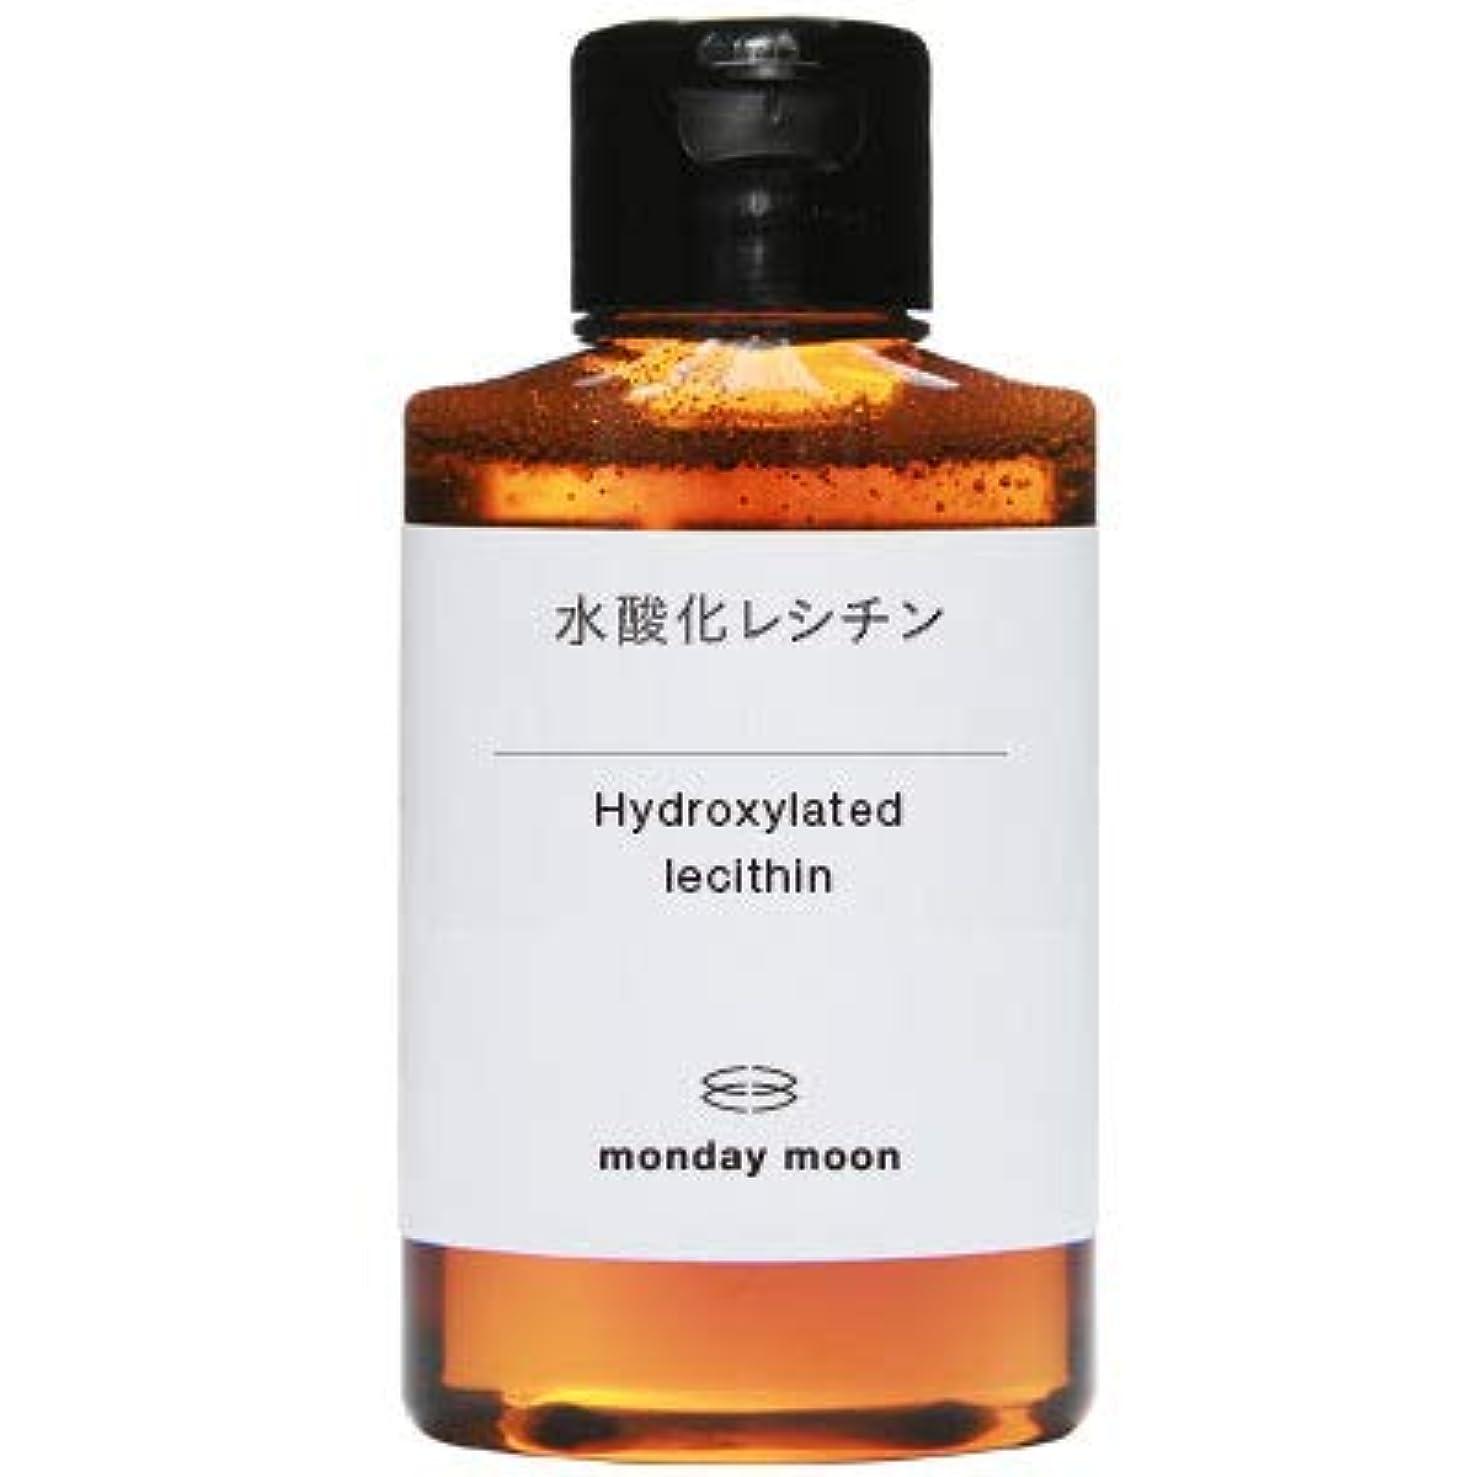 満州ハント急行する水酸化レシチン/50ml[メール便対応ボトル]